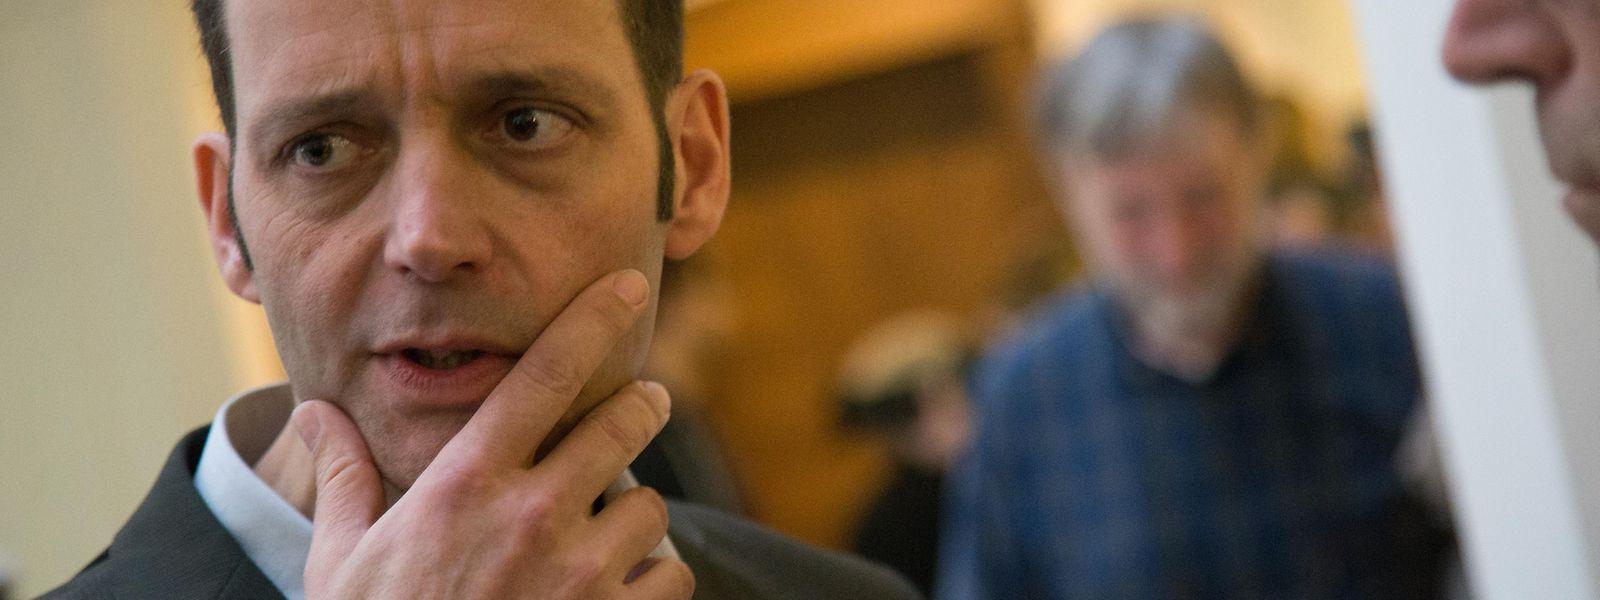 Le journaliste Edouard Perrin conteste les saisies de documents à son domicile effectuées à la demande de PWC.